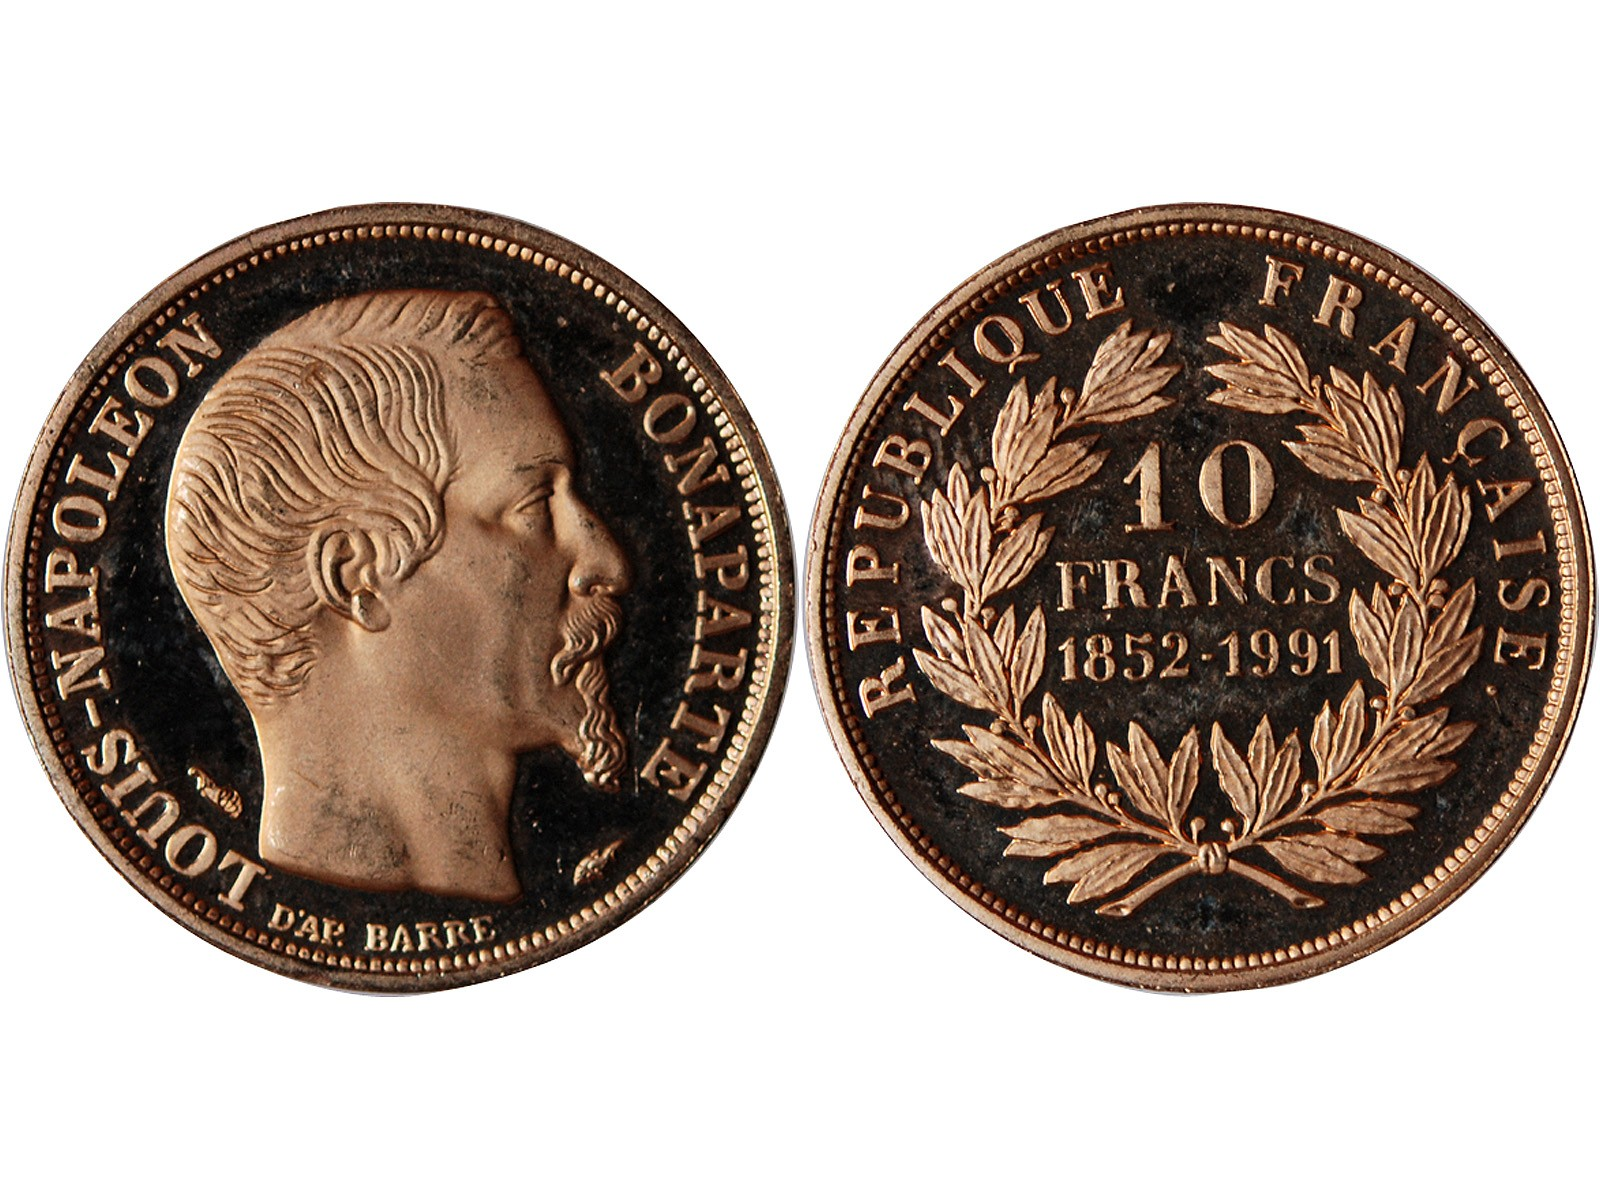 louis napoleon bonaparte 10 francs or 1852 1991 vente monnaie 10 francs suffren numismatique. Black Bedroom Furniture Sets. Home Design Ideas